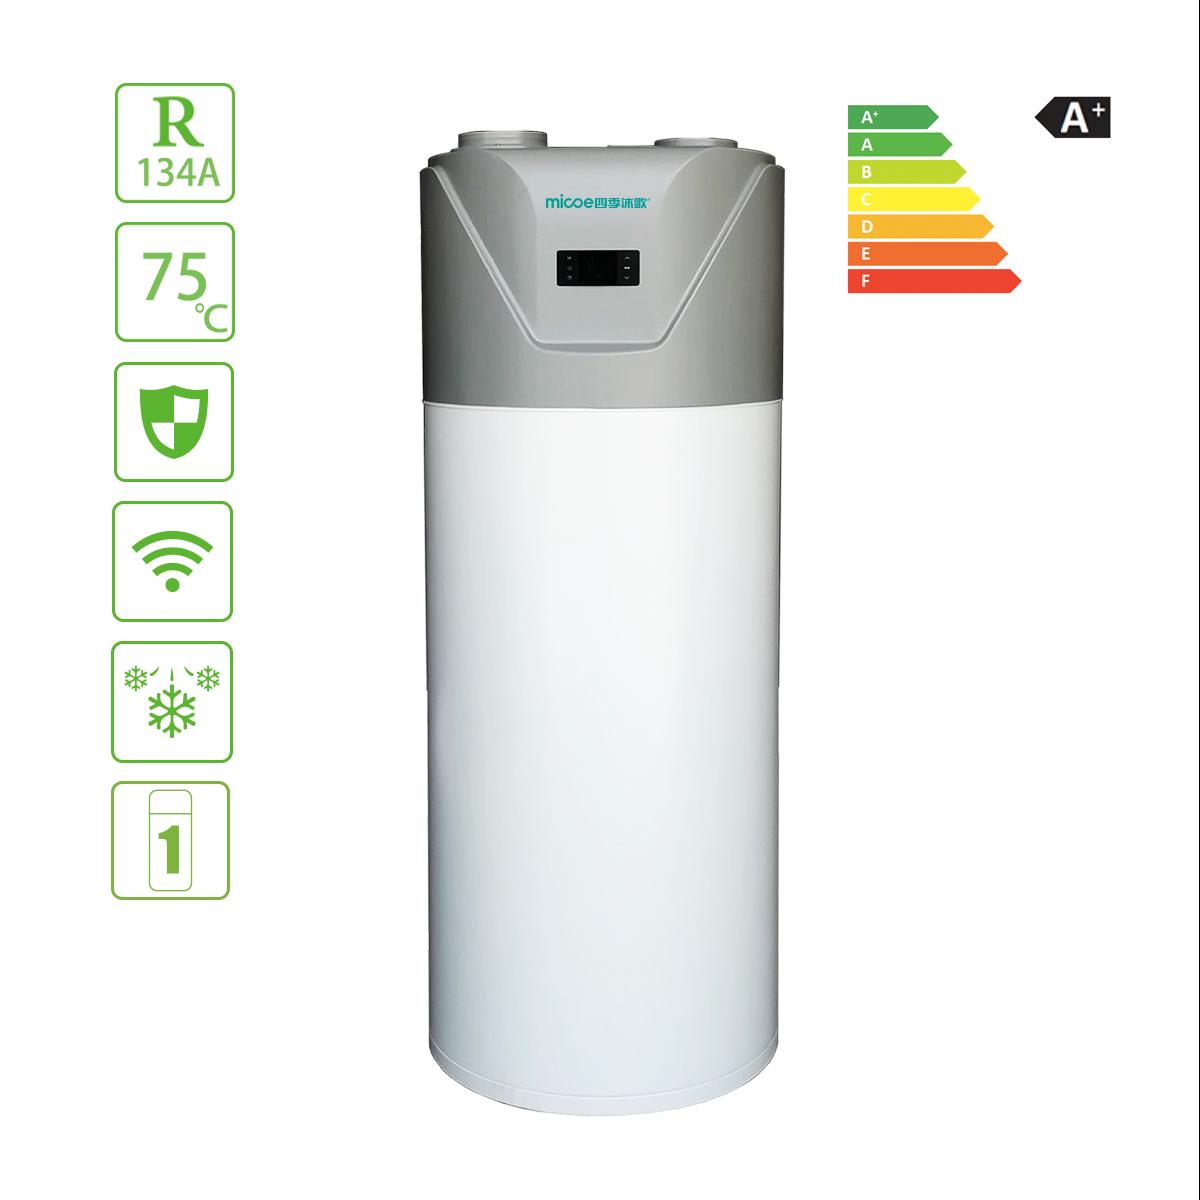 Low Energy Consumption Monoblock Indoor Heat Pump Water Heater